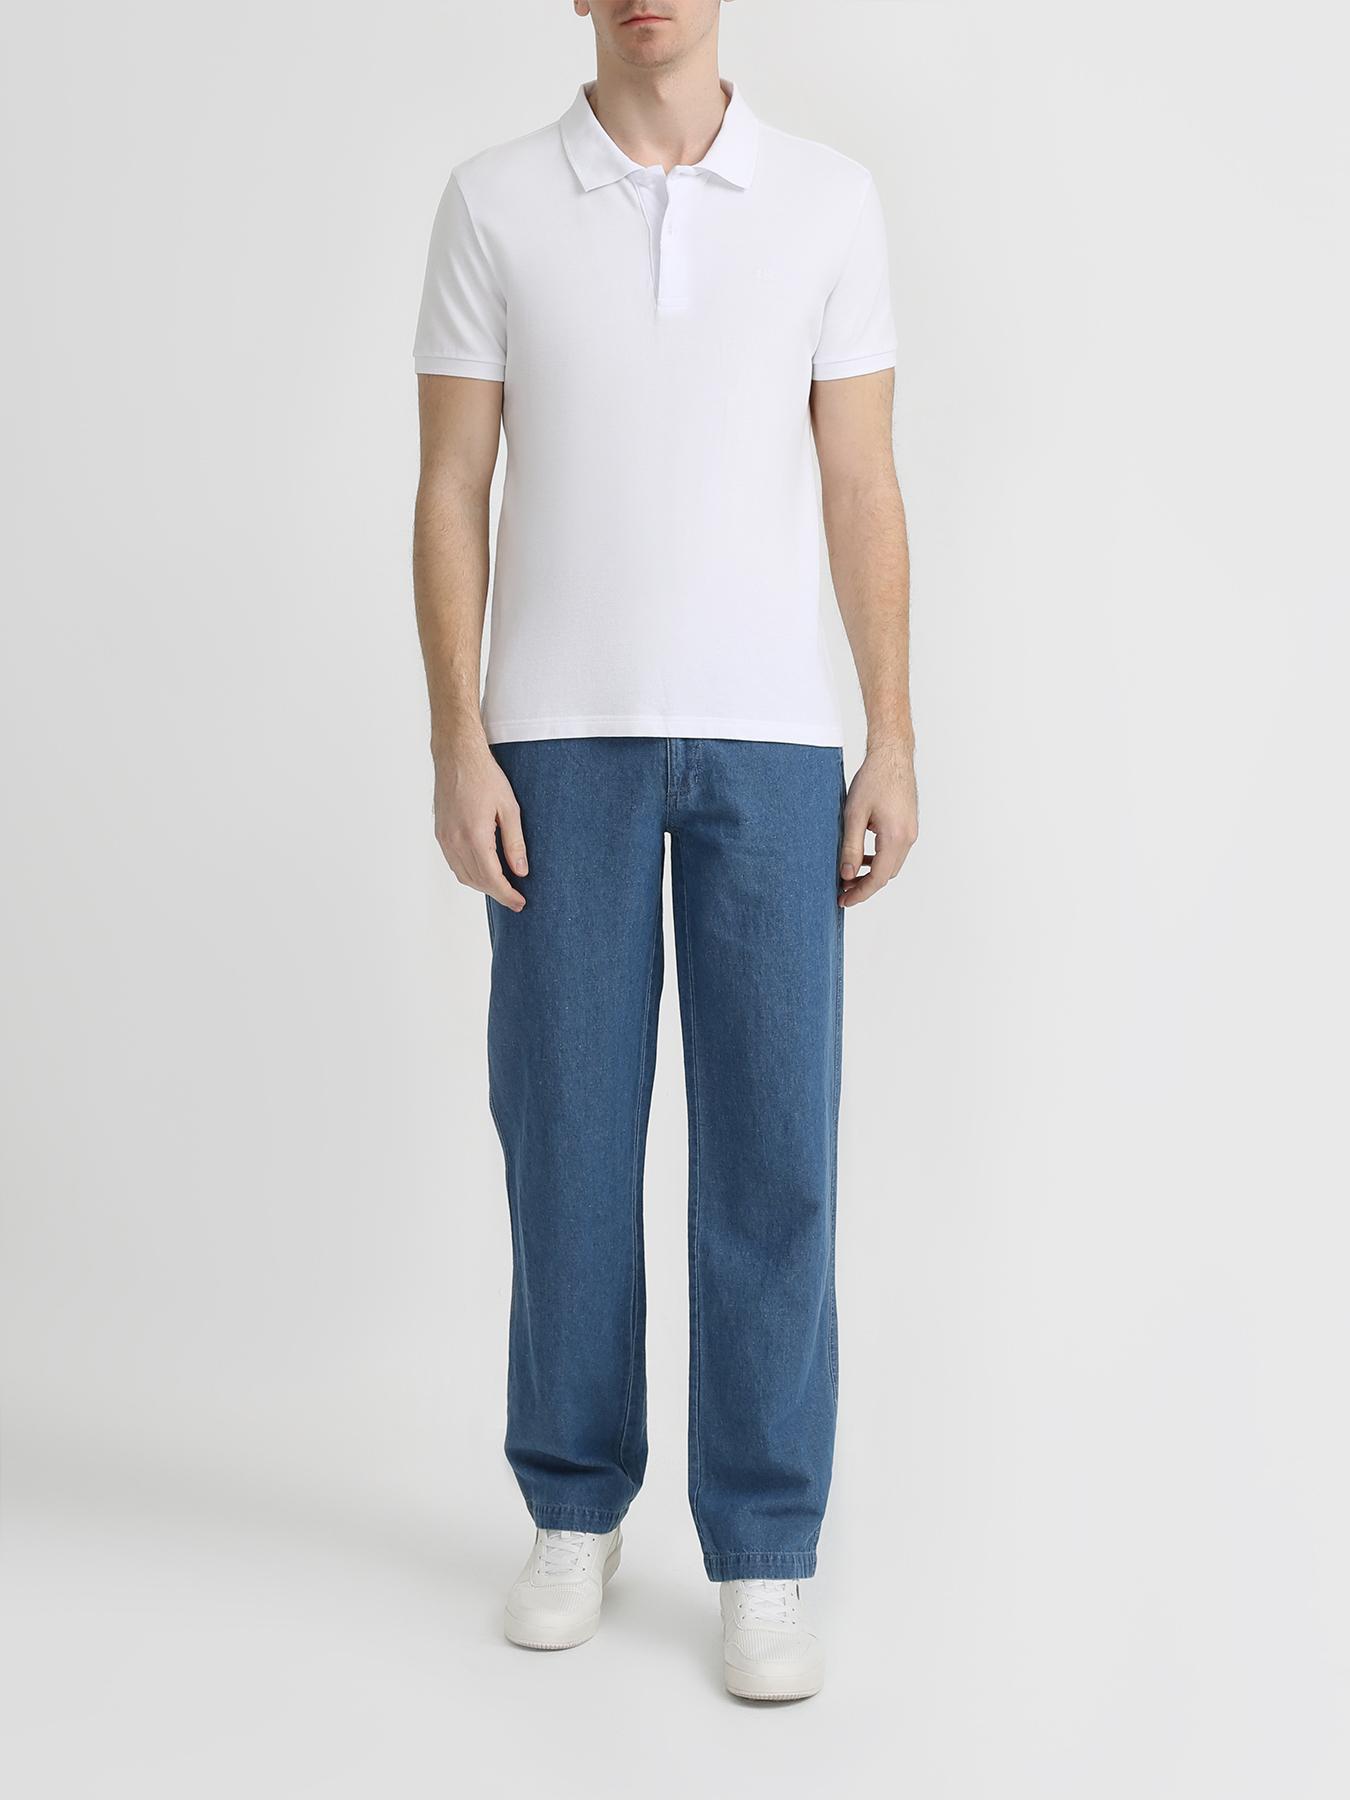 Джинсы Alessandro Manzoni Jeans Прямые джинсы